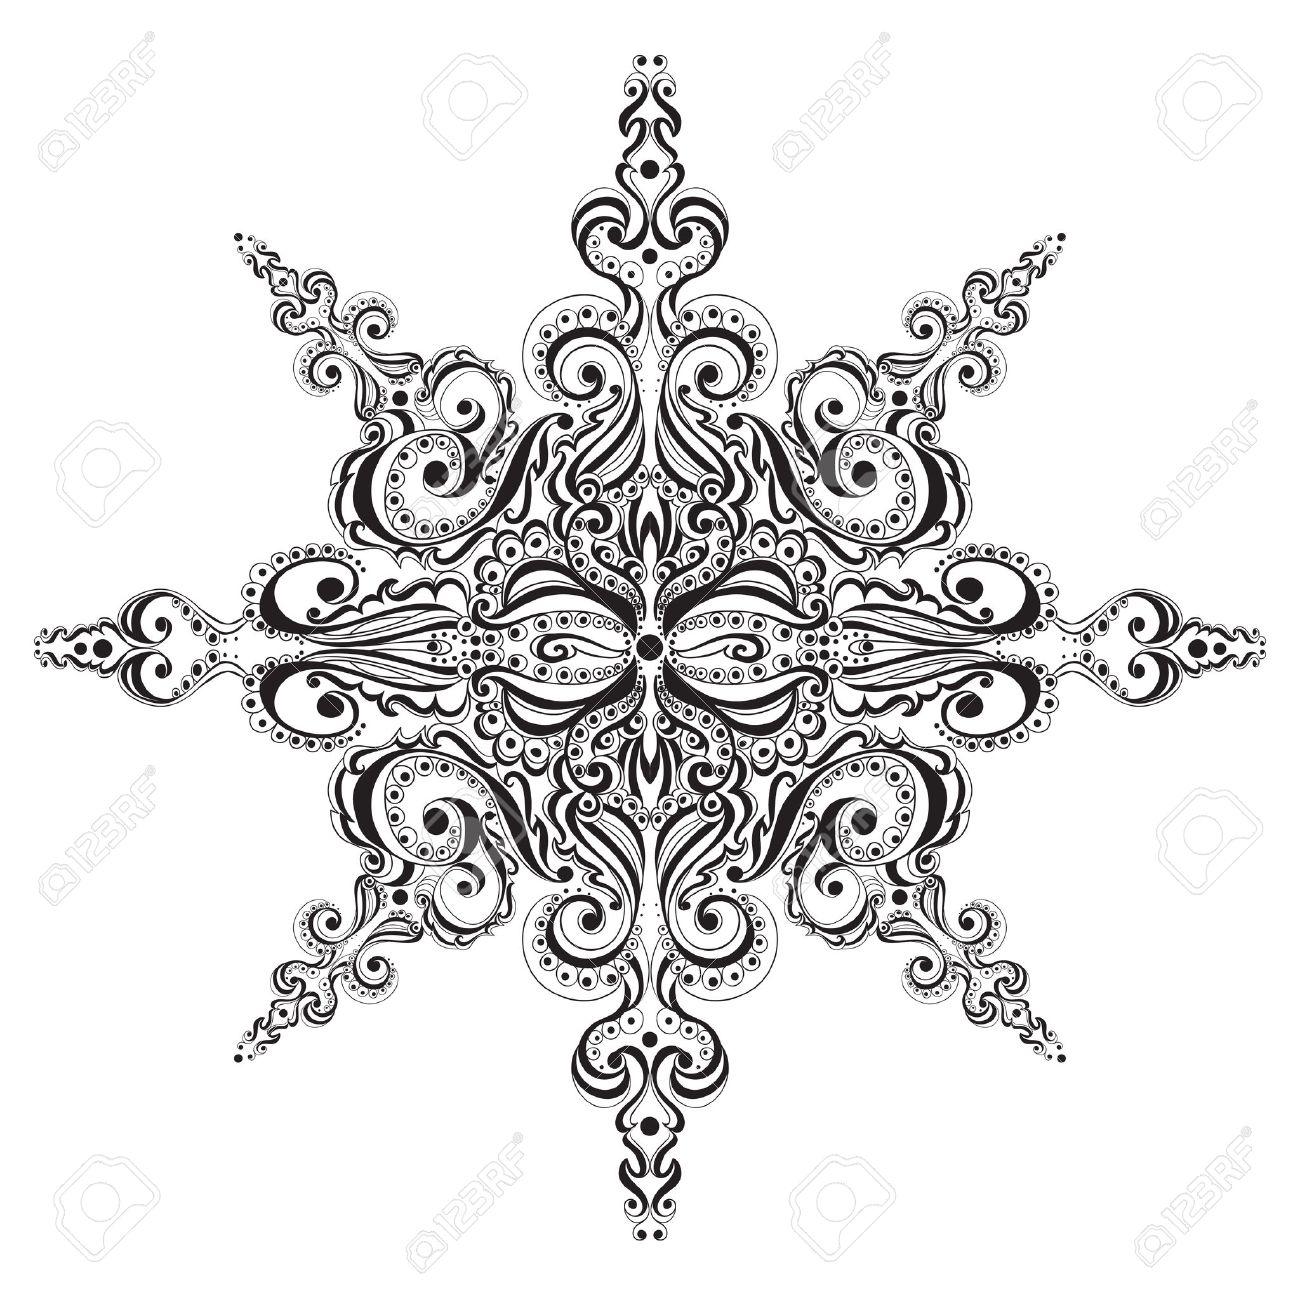 Negro Ornamental Y Copo De Nieve Blanco Patrón De Tatuaje